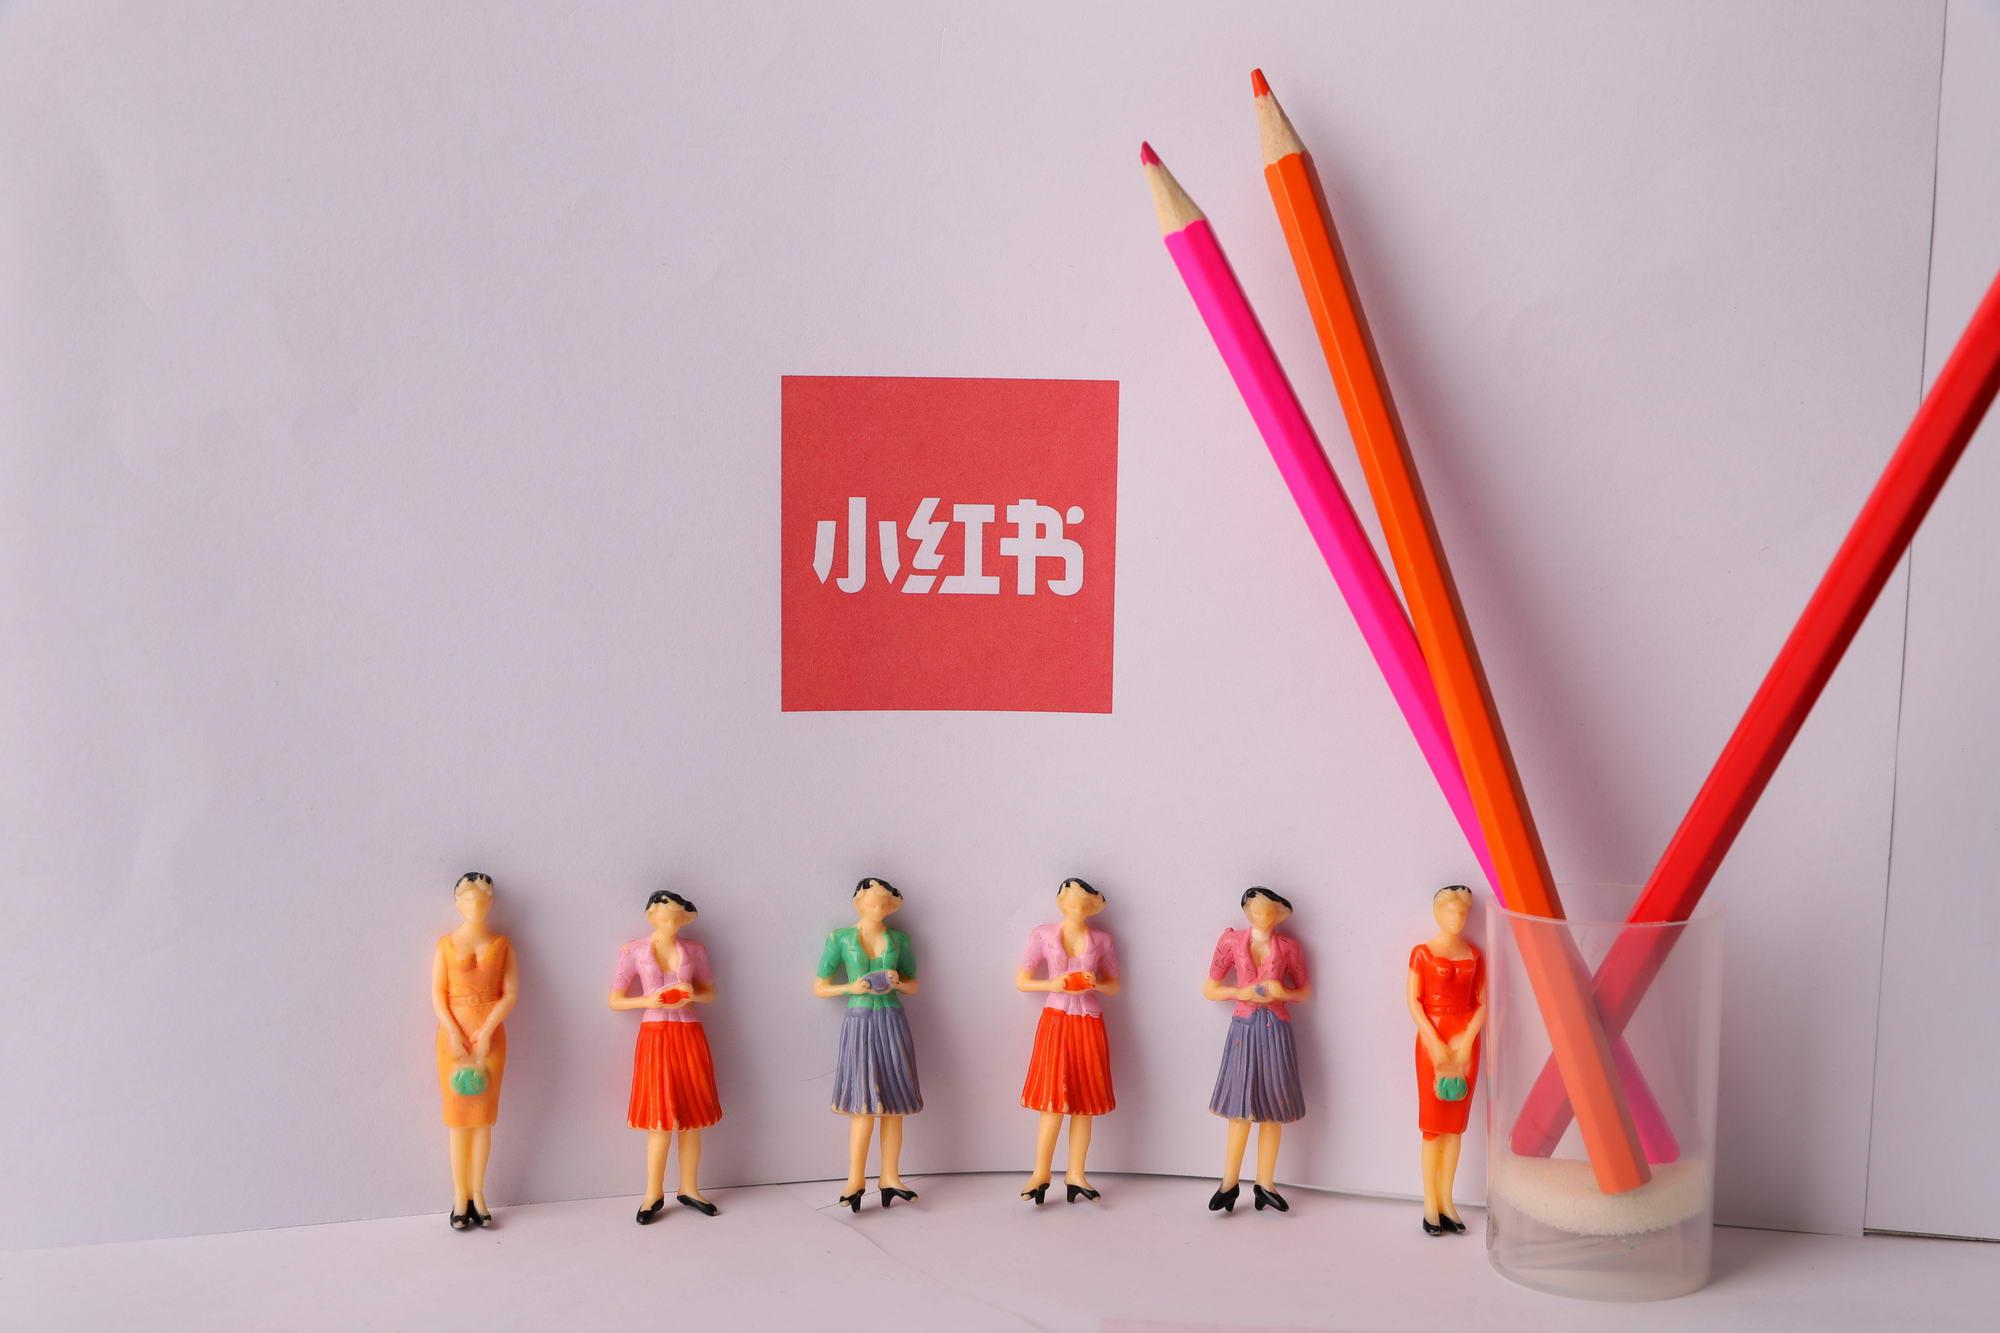 小红书开展上海时装周直播, 促使线上与线下互联